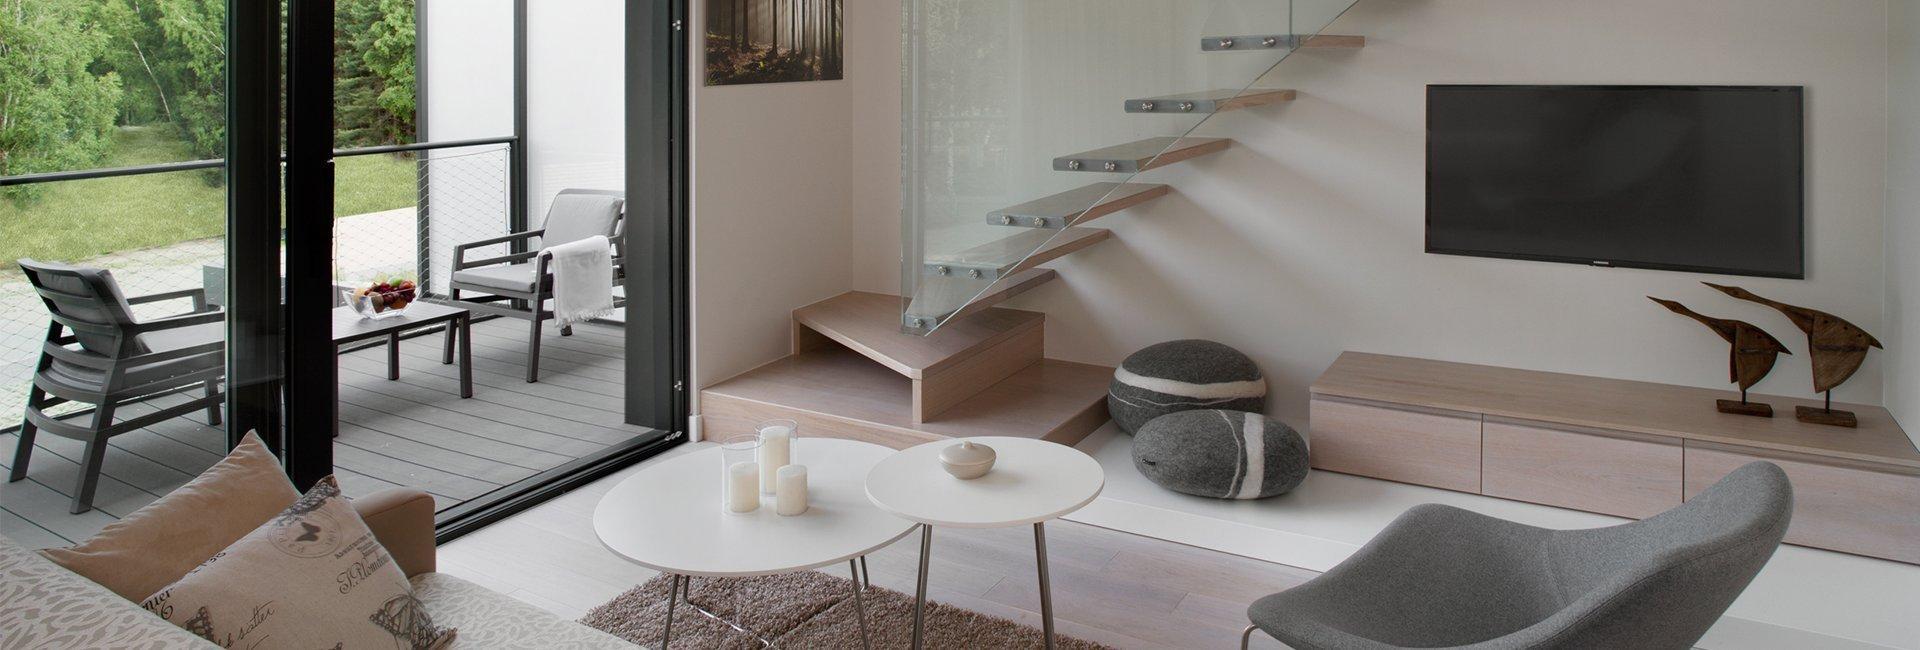 Duplex Deluxe Comfort